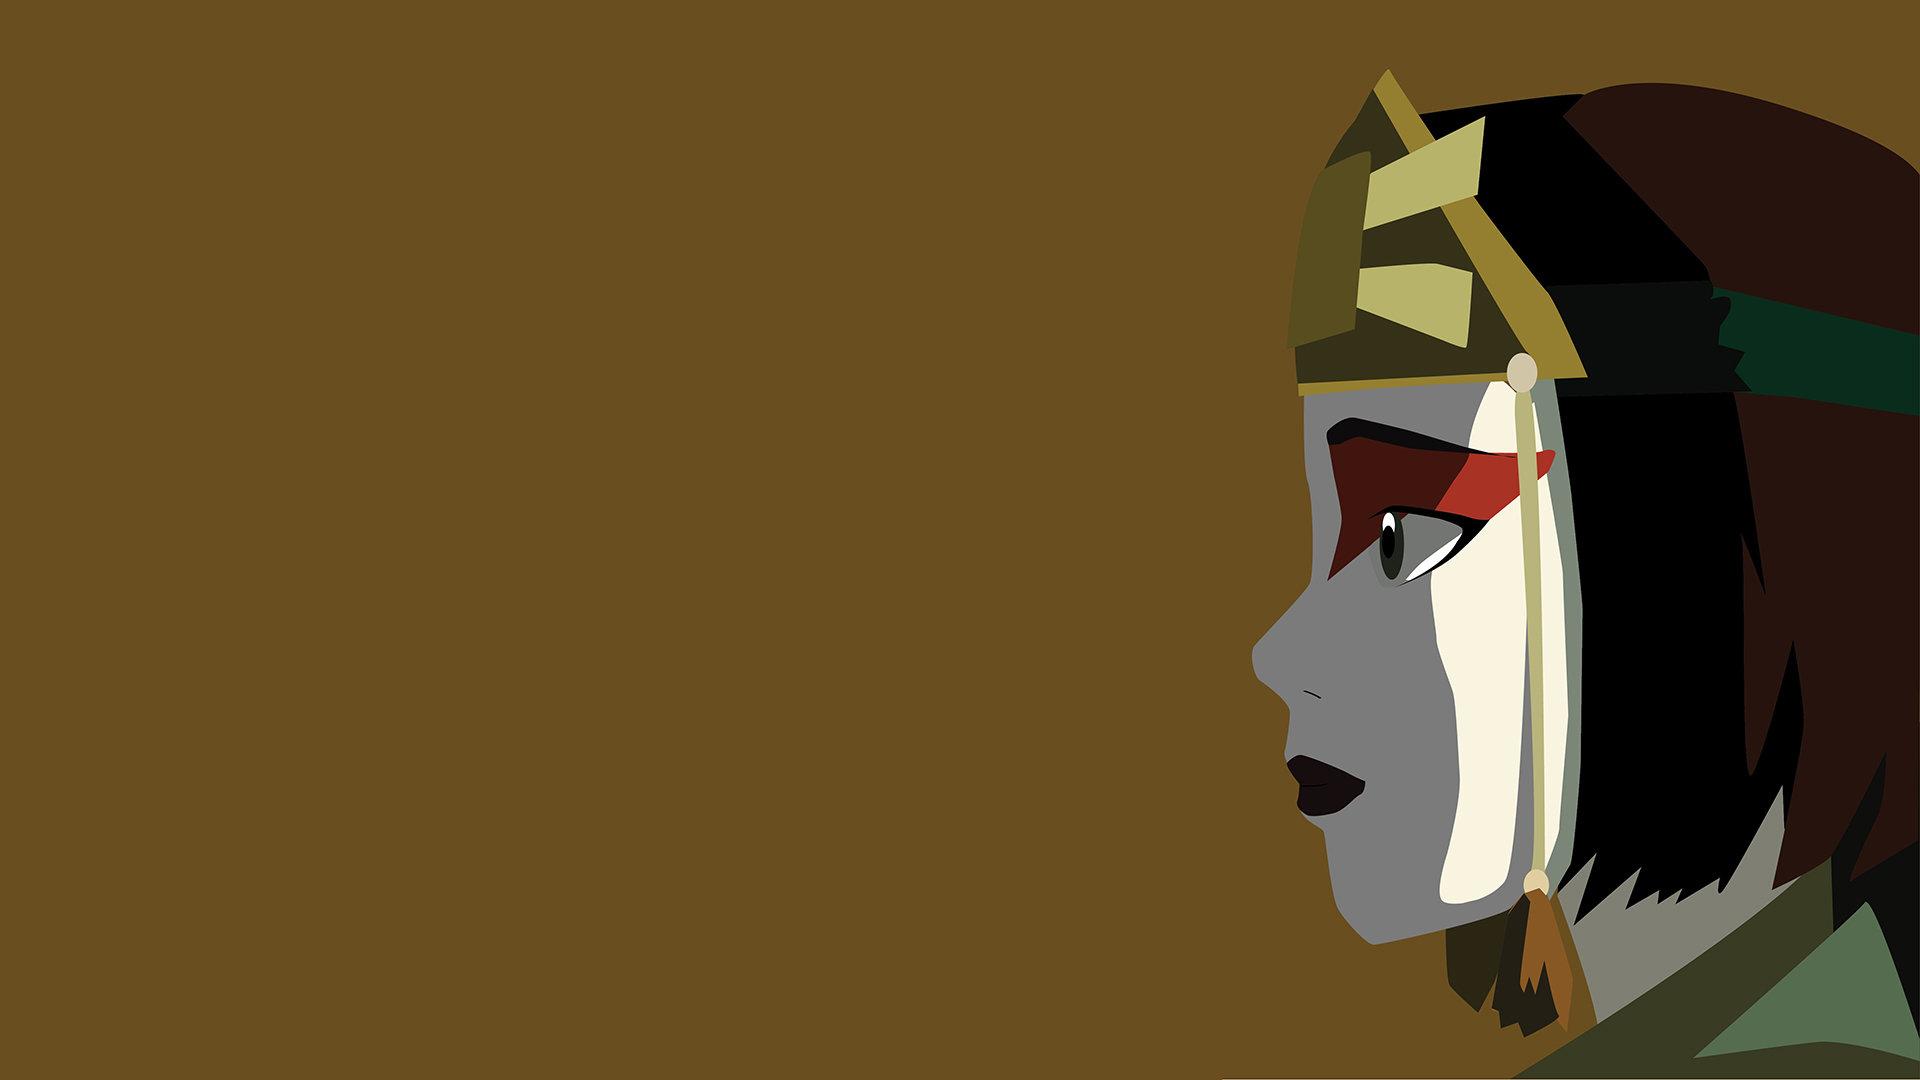 avatar the last airbender wallpaper full hd 1920x1080 226744